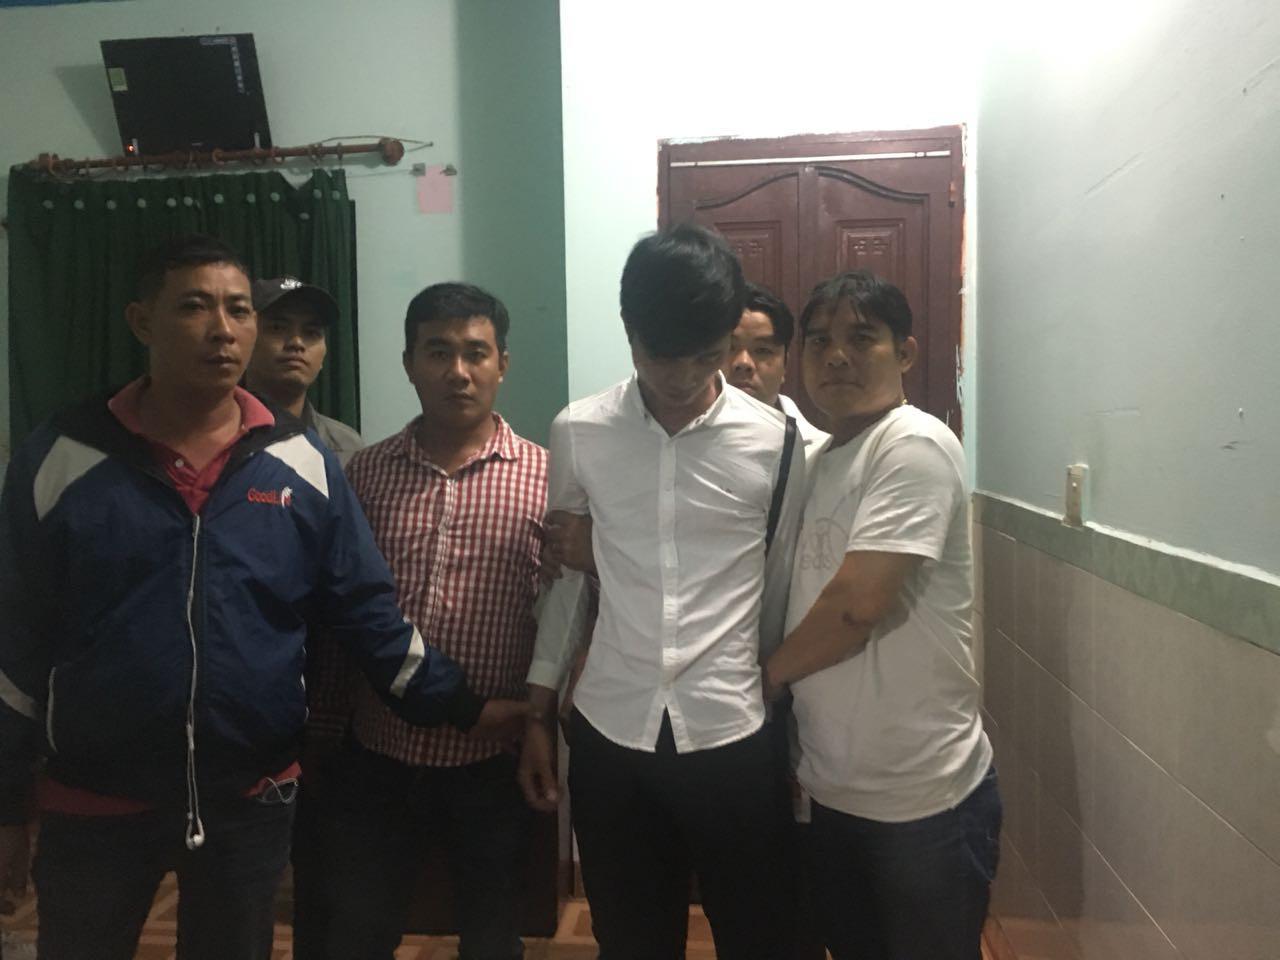 Đội hiệp sĩ Nguyễn Thanh Hải lần theo bắt giữ đối tượng Ngọc.